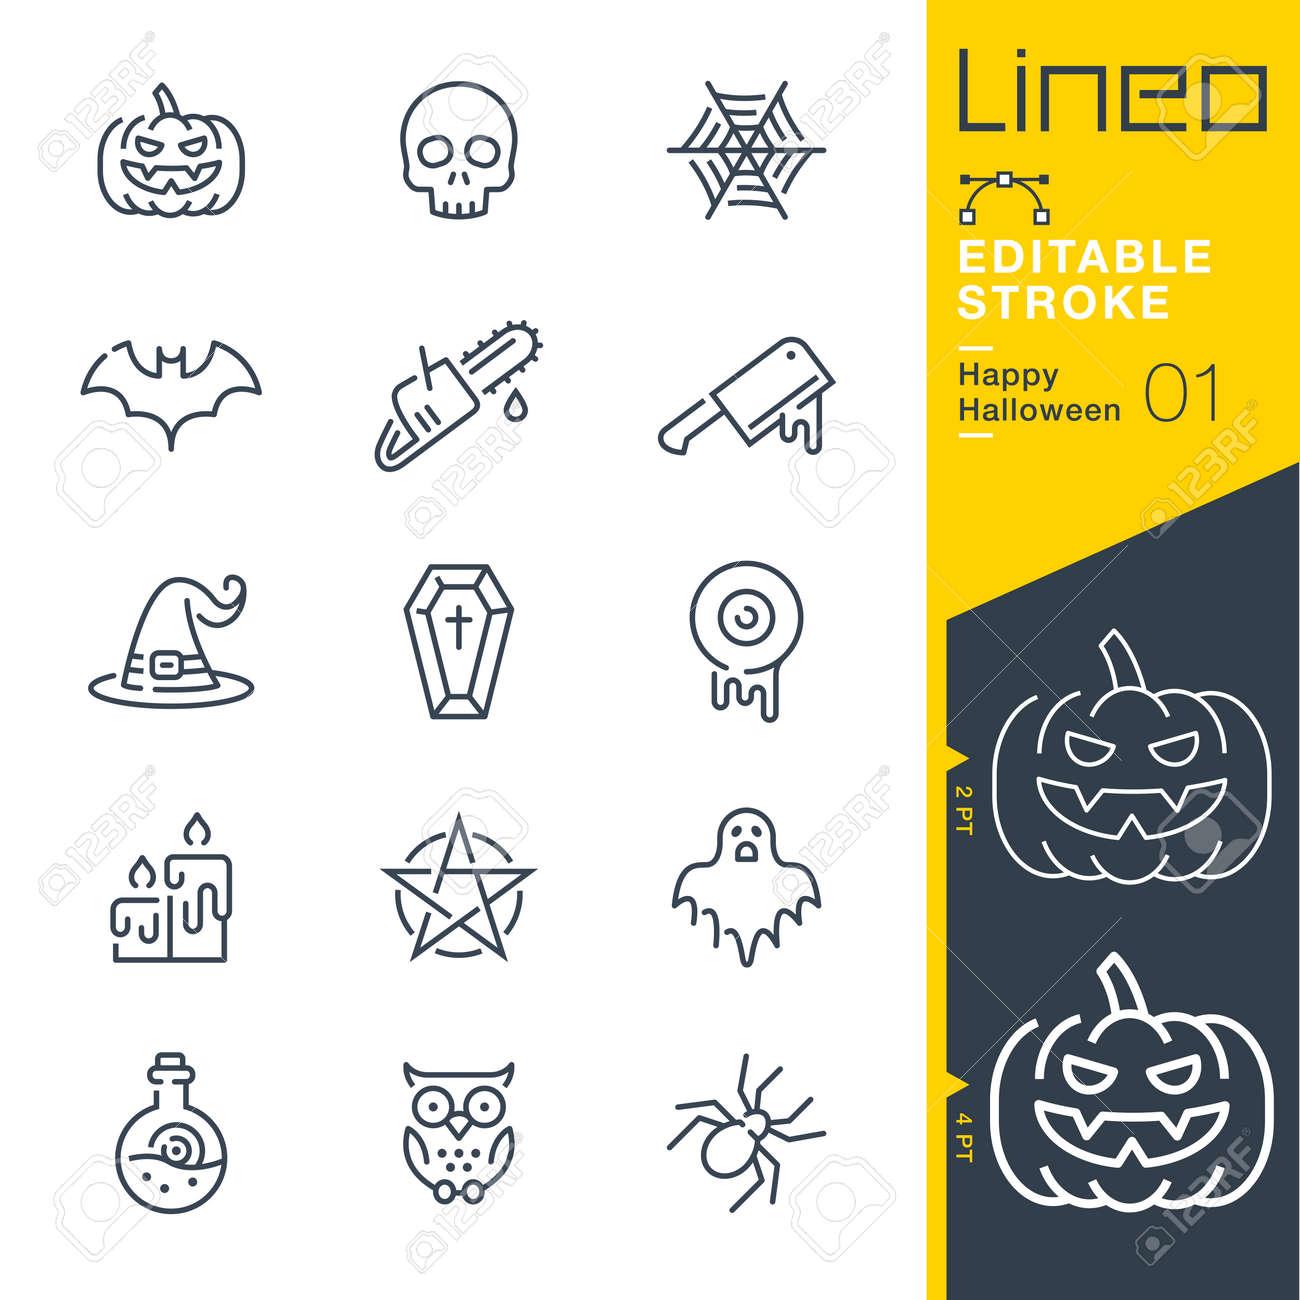 Lineo Editable Stroke - Happy Halloween line icons - 133518364